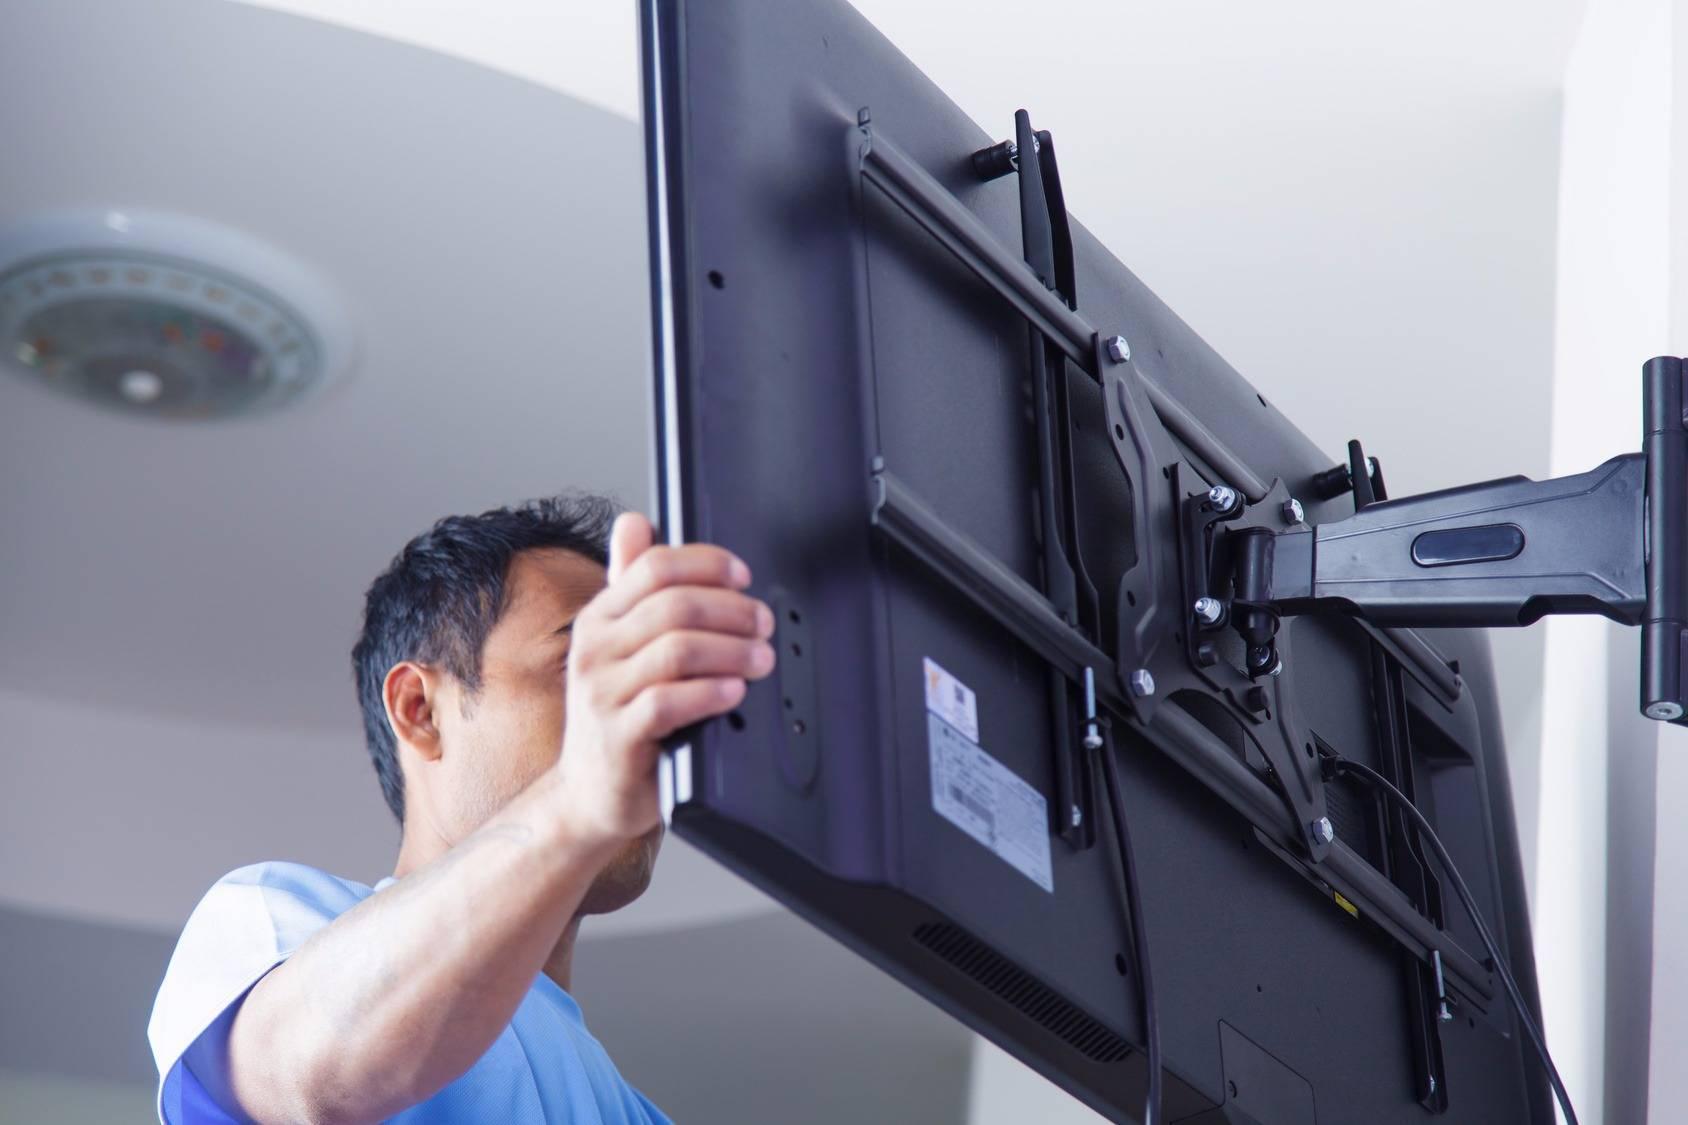 Крепление для телевизора на стену: выбор и установка крепежа